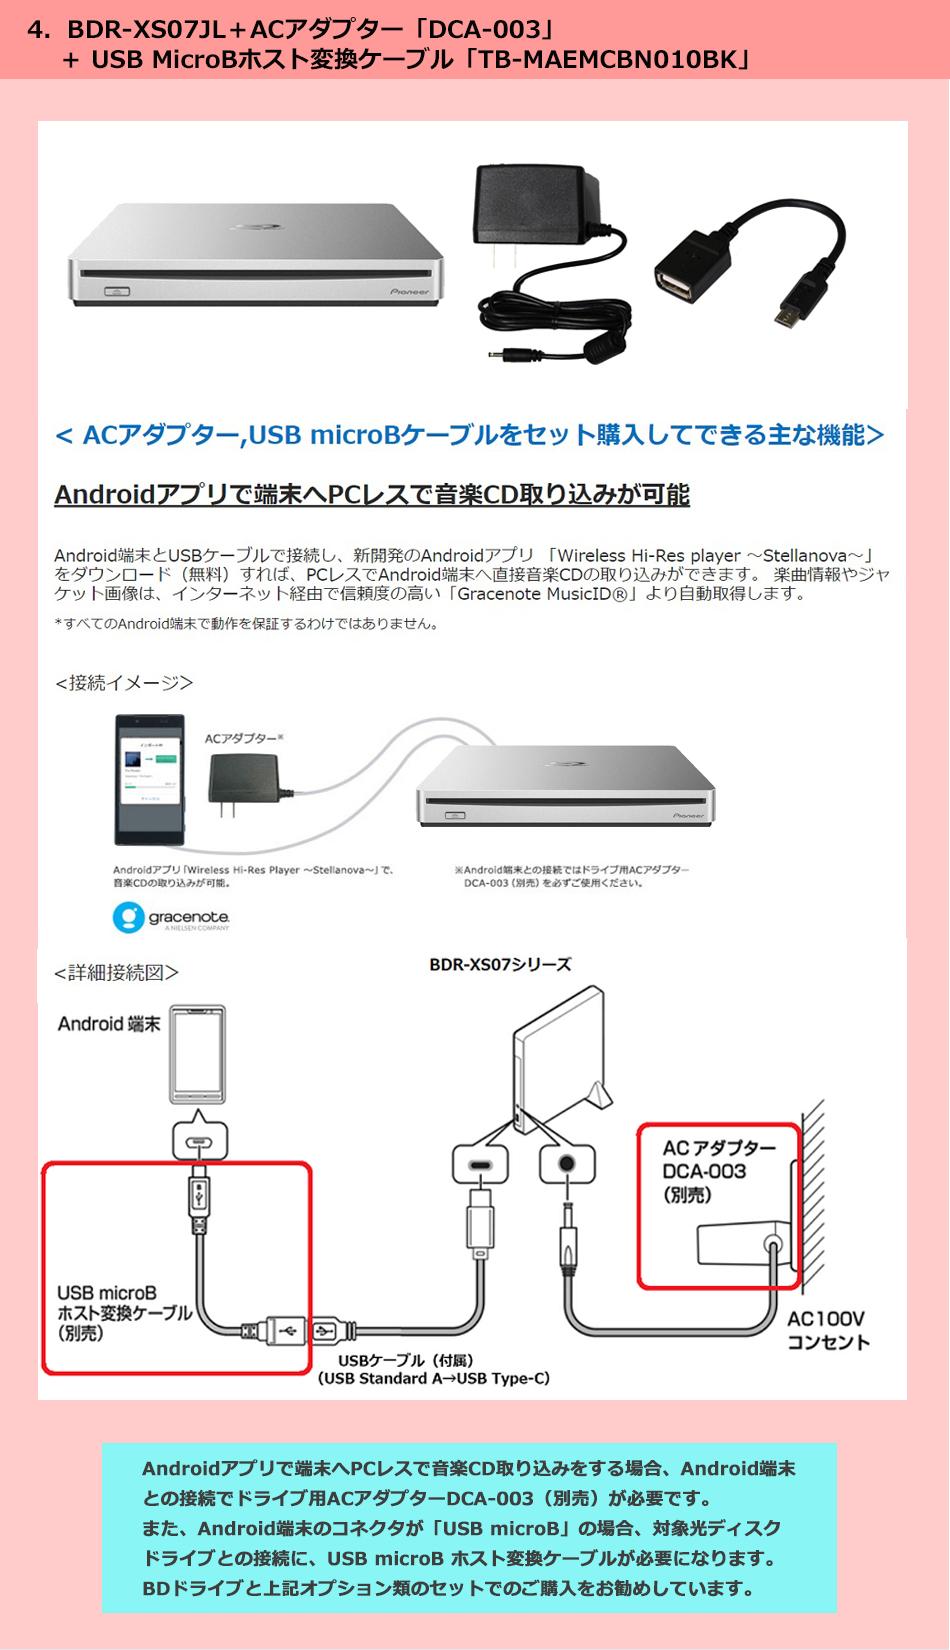 BDR-XS07JL+ACアダプター+MicroBケーブルセットのご紹介